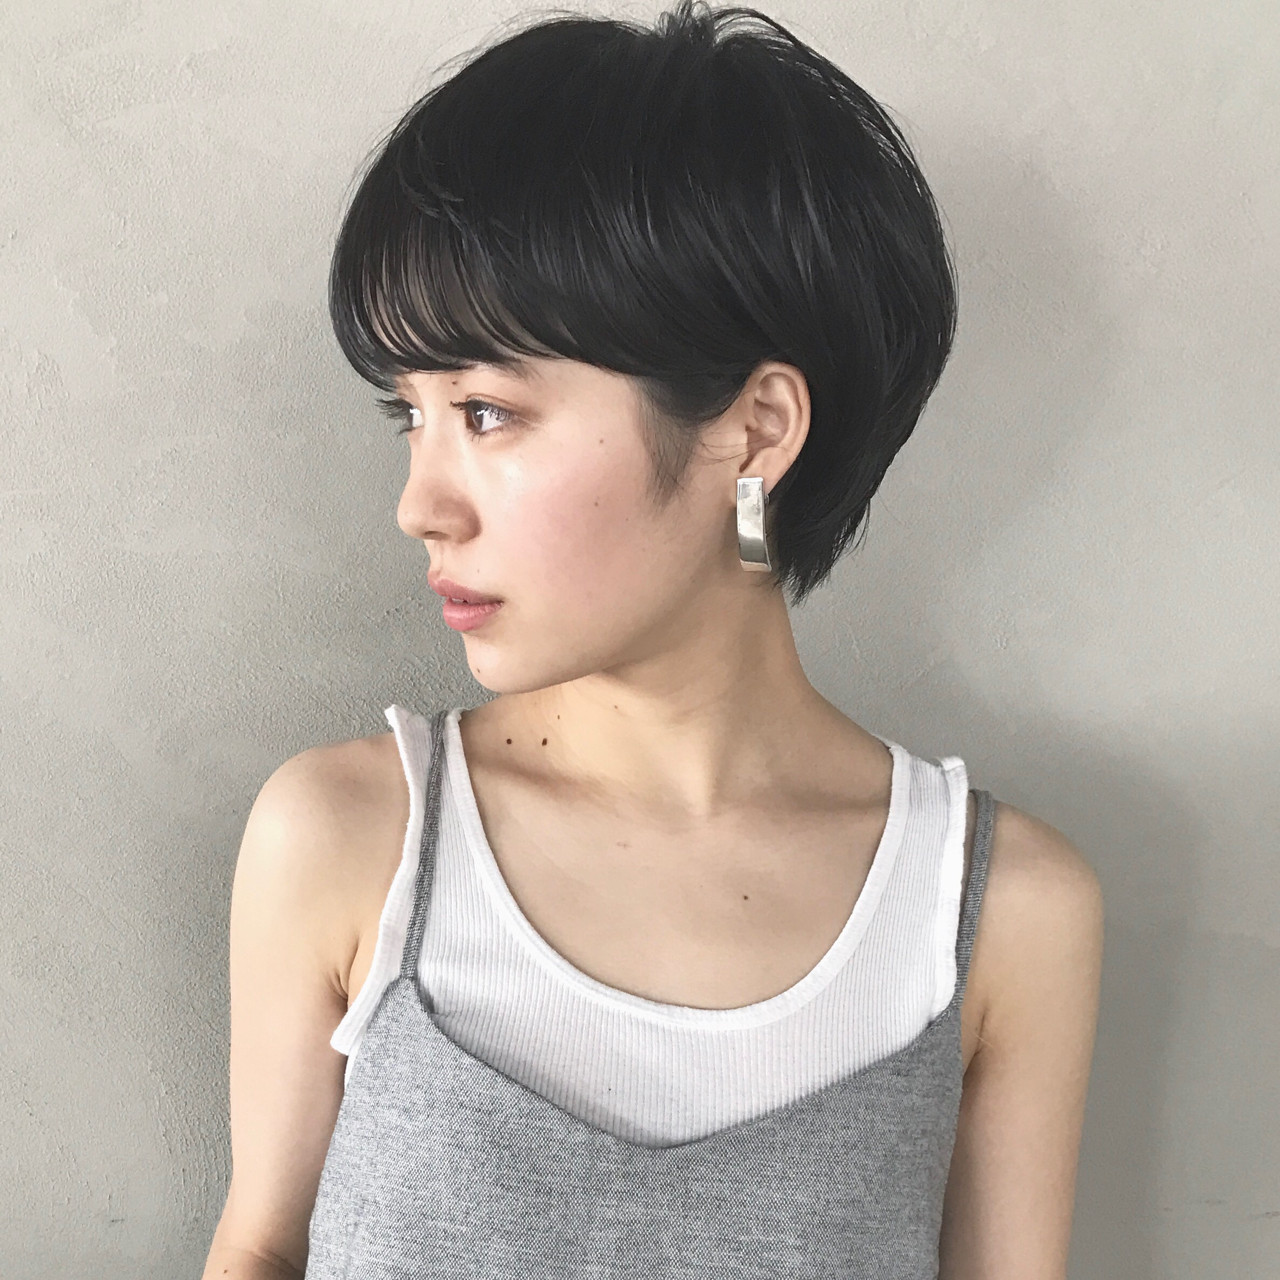 つい真似したくなる♡ショートカットに似合わせる前髪コレクション 高橋 忍